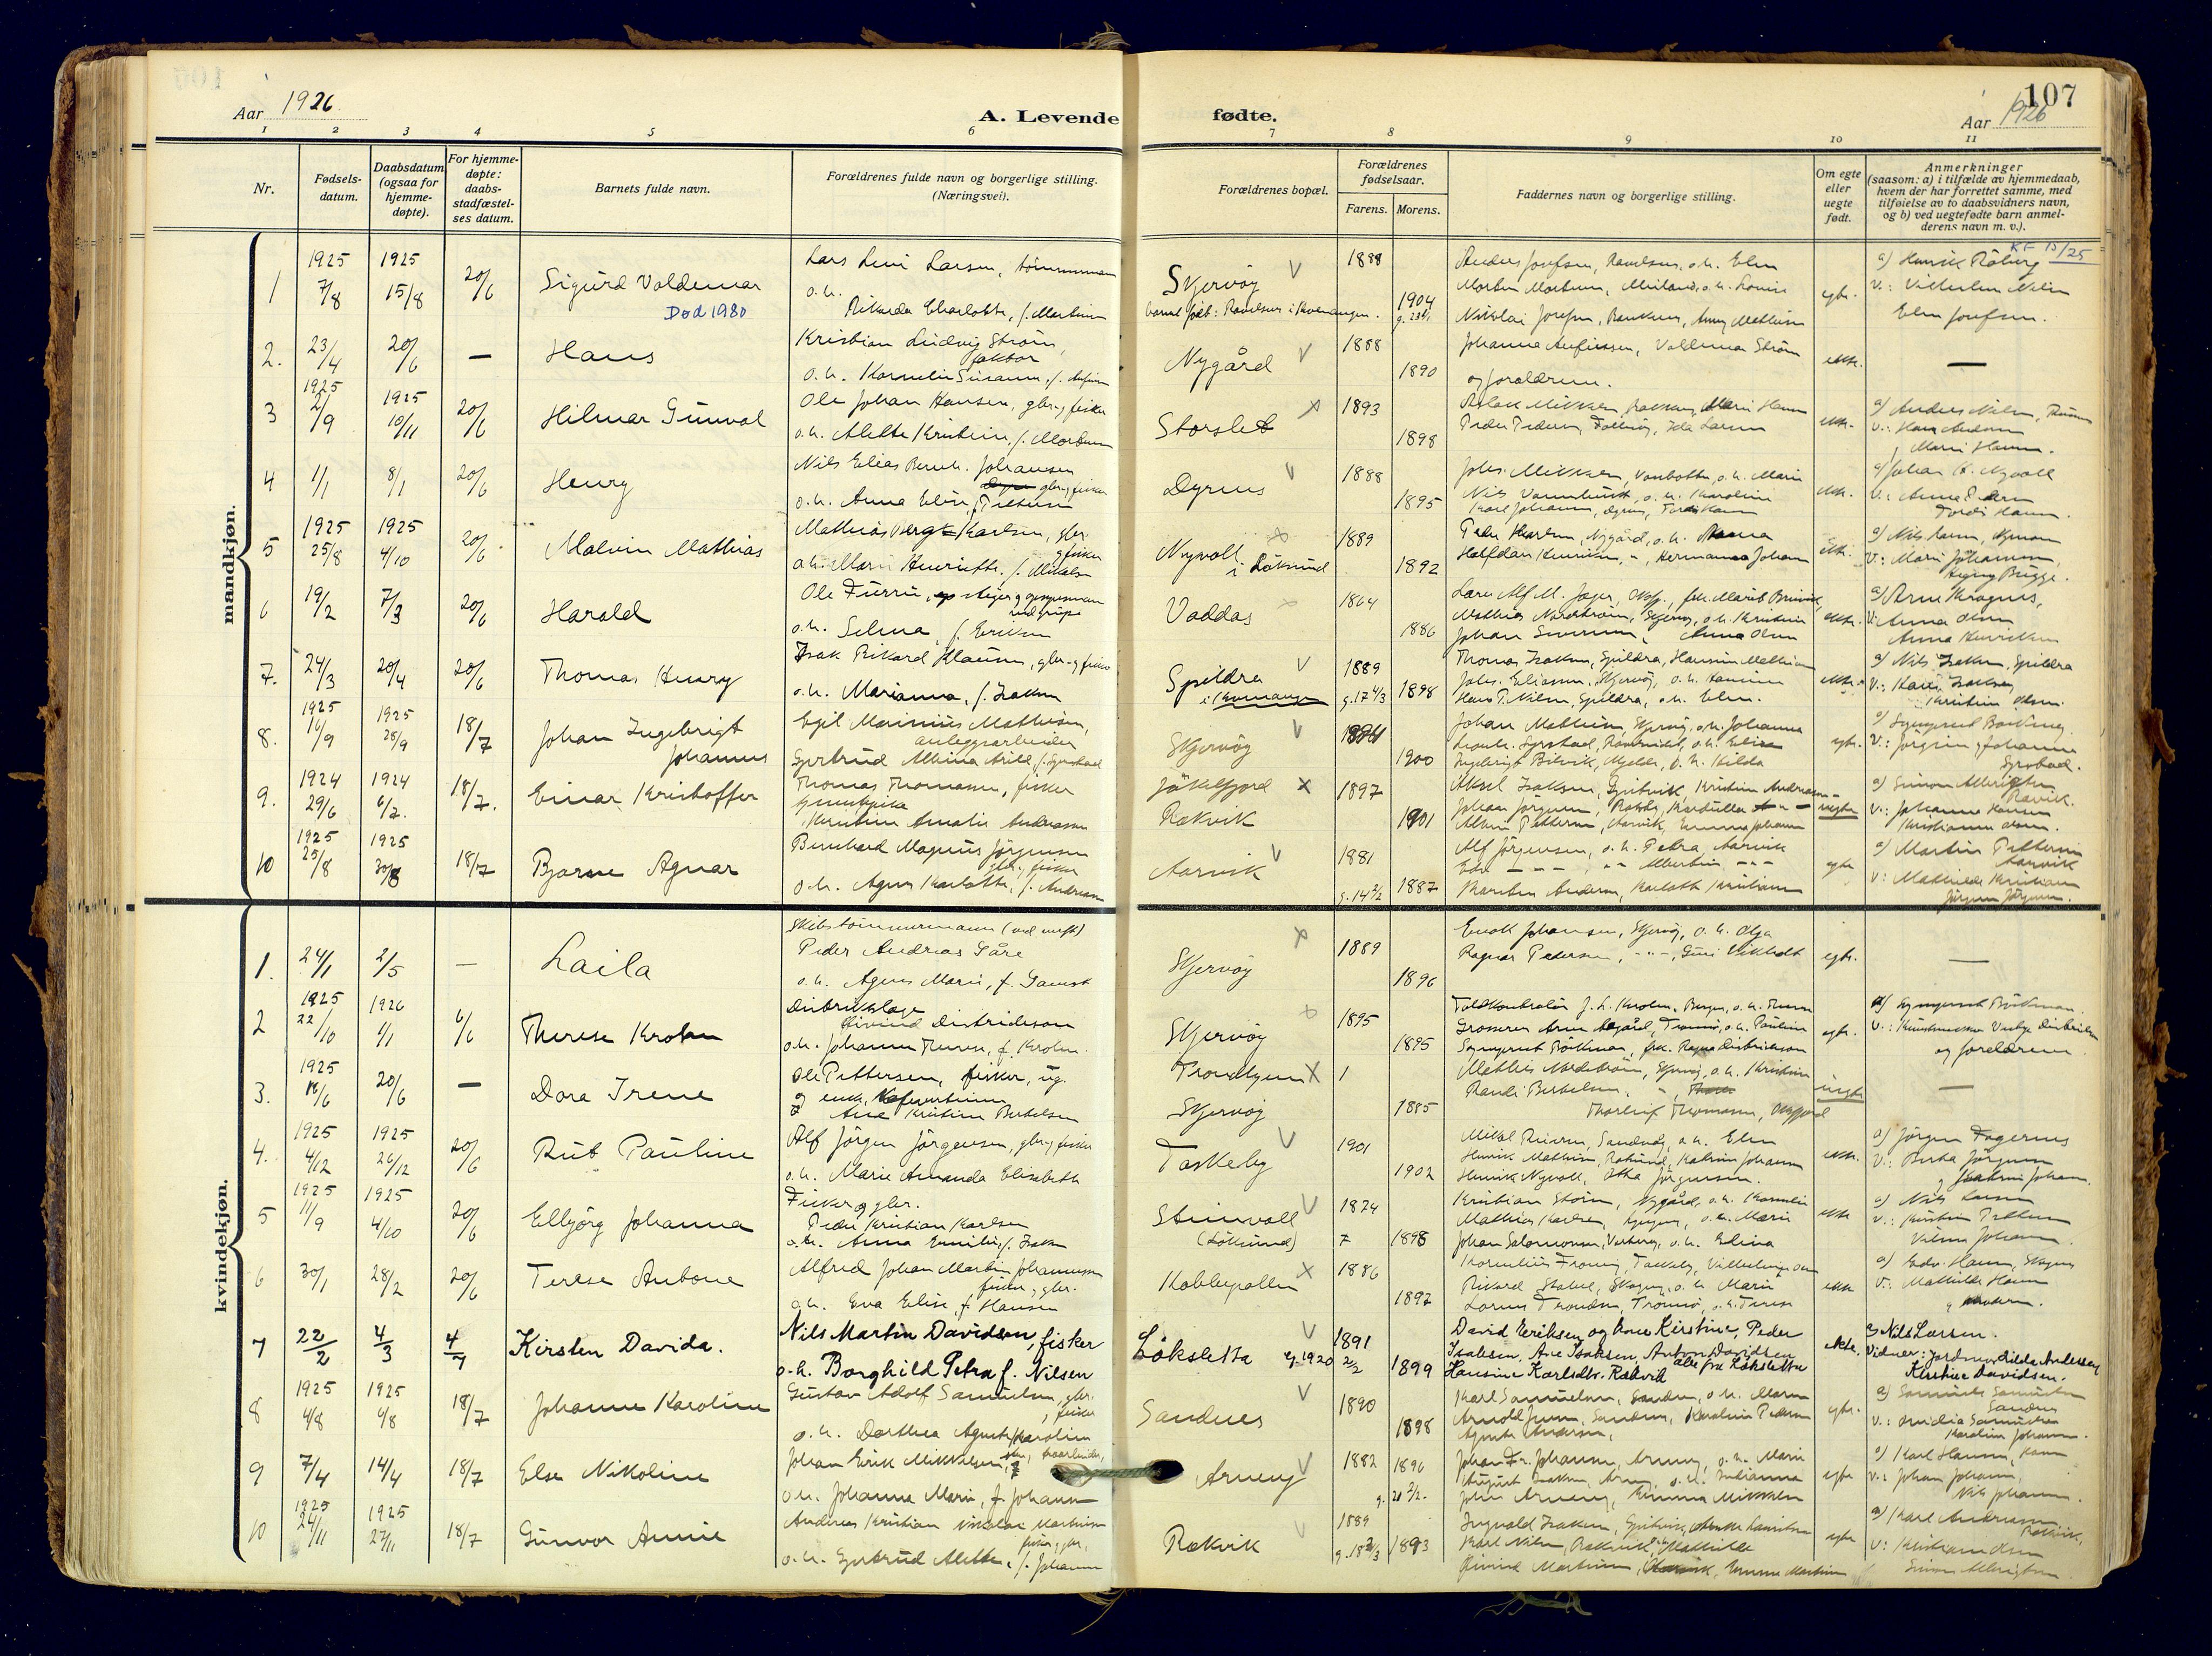 SATØ, Skjervøy sokneprestkontor, H/Ha/Haa: Ministerialbok nr. 18, 1910-1926, s. 107